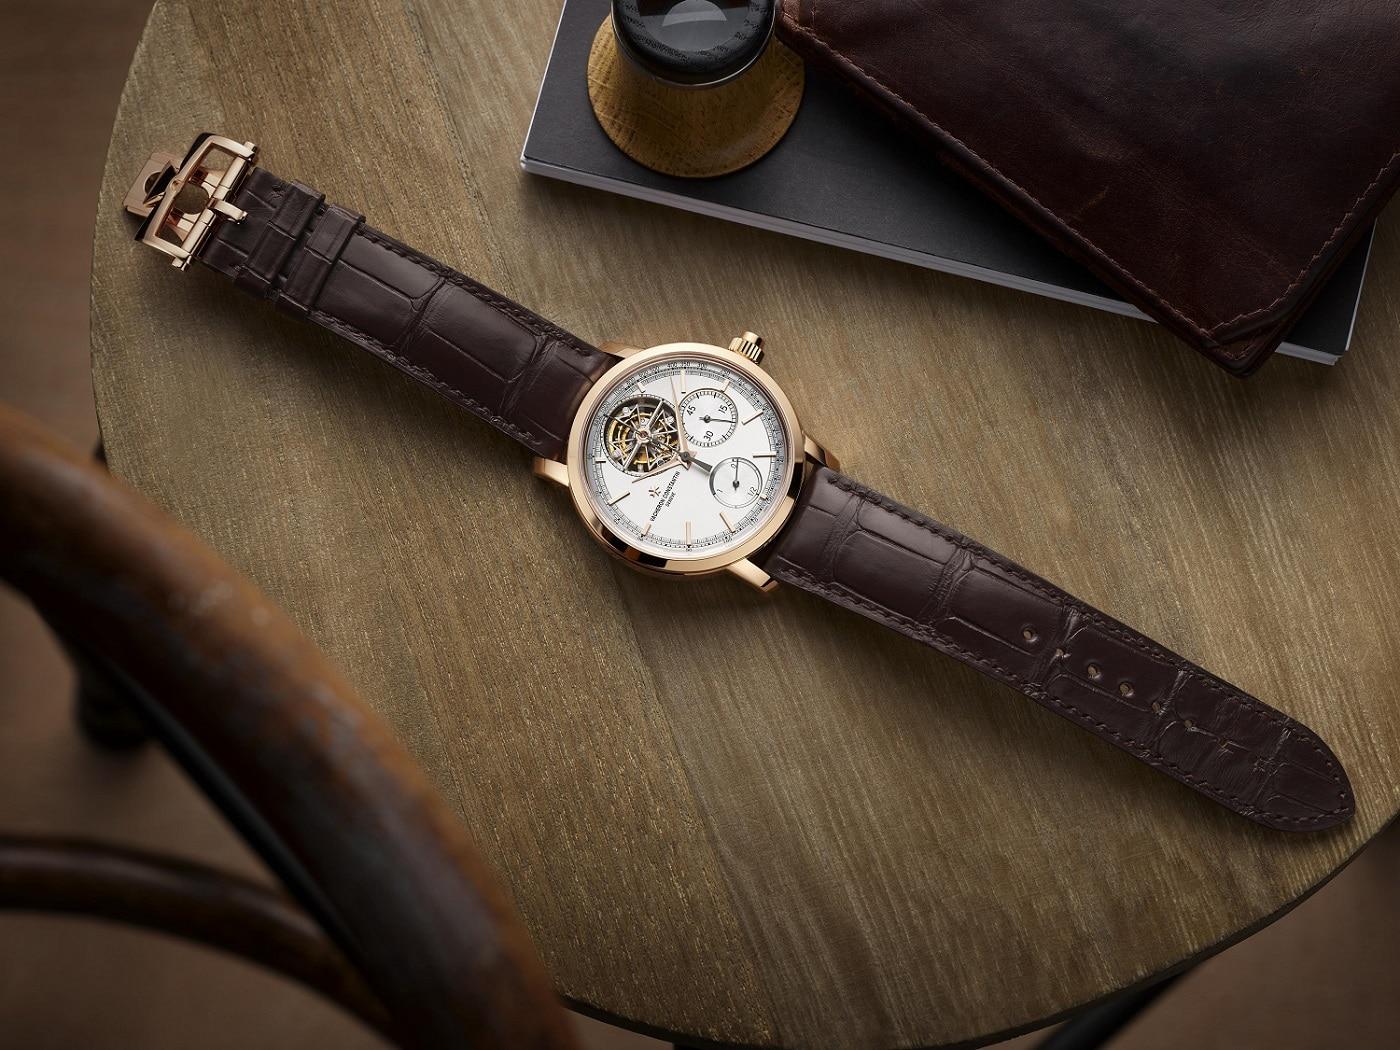 [ VIDEO ] Watches and Wonders 2020 : Vacheron Constantin, Jaeger-LeCoultre, IWC… Les nouveautés horlogères à ne pas louper!